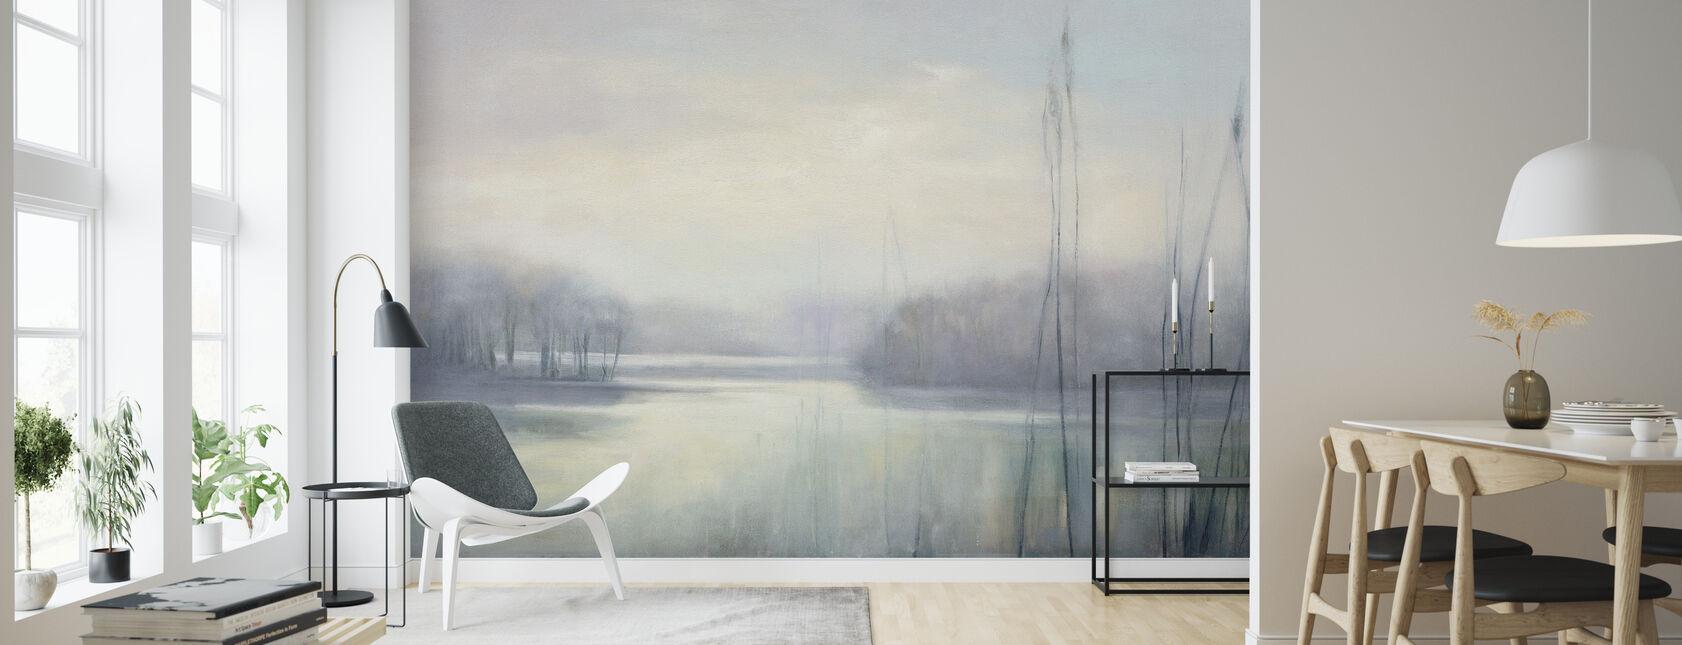 Misty Memories - Wallpaper - Living Room